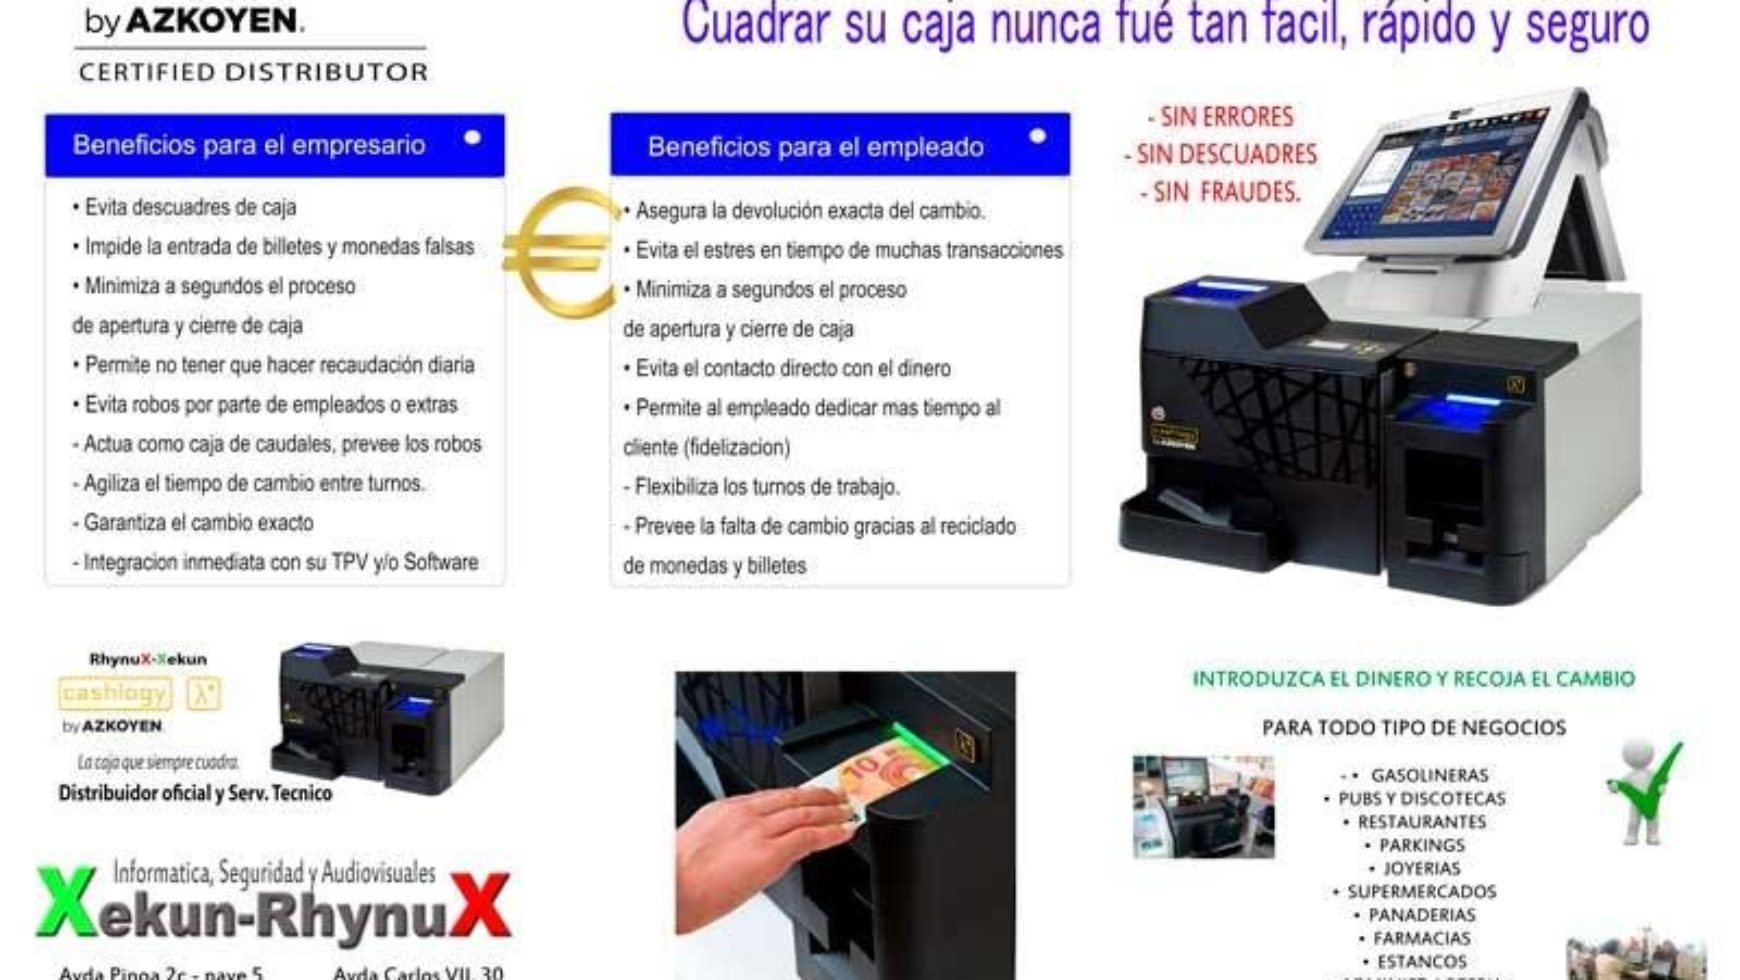 RHYNUX-XEKUN DISTRIBUIDOR Y SERVICIO TECNICO OFICIAL